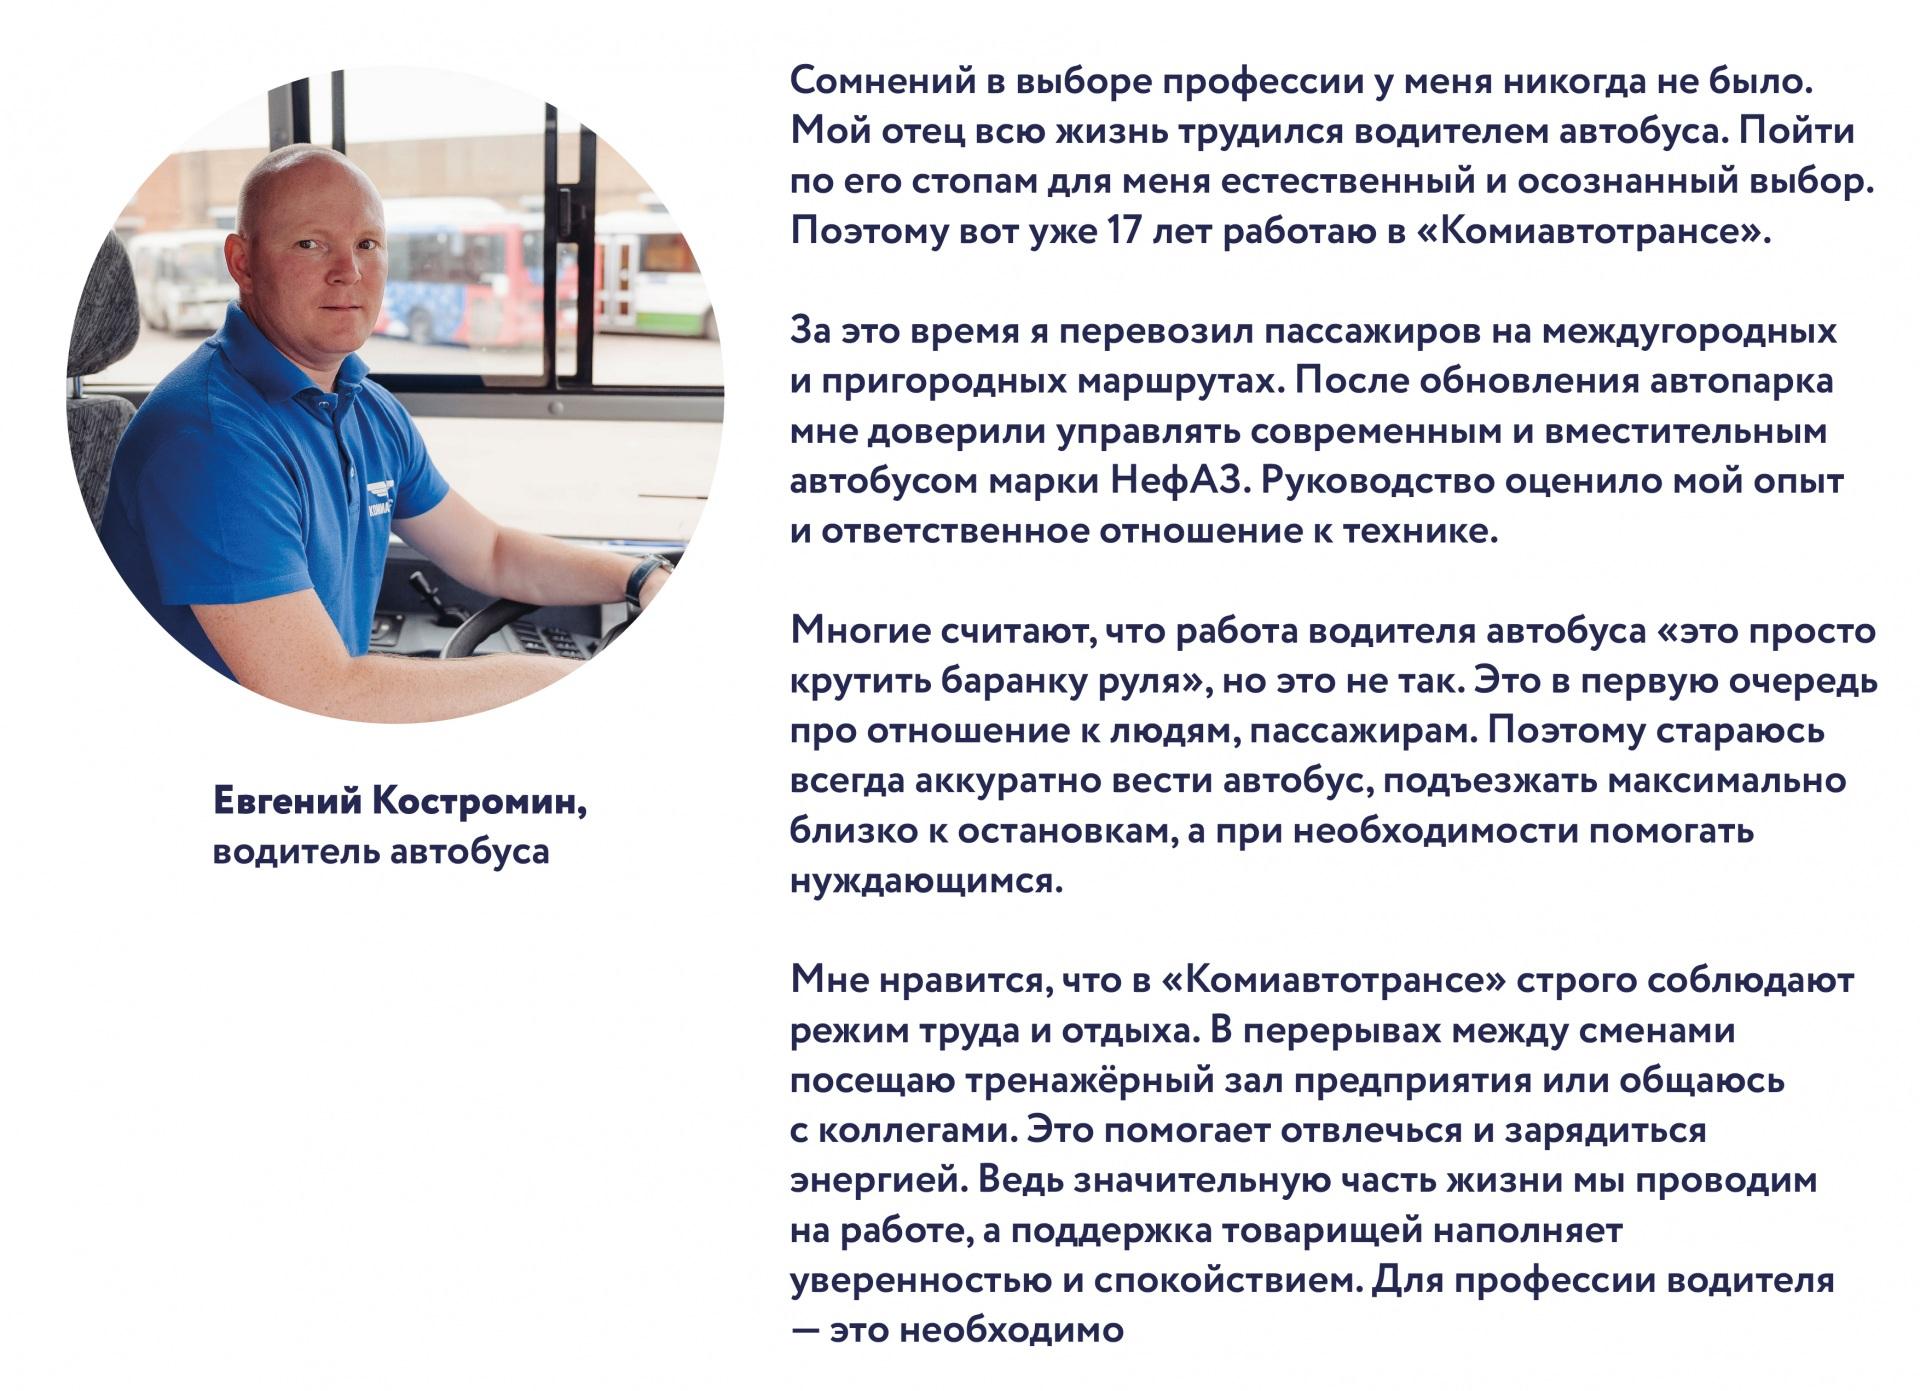 E.-Kostromin-01.jpg